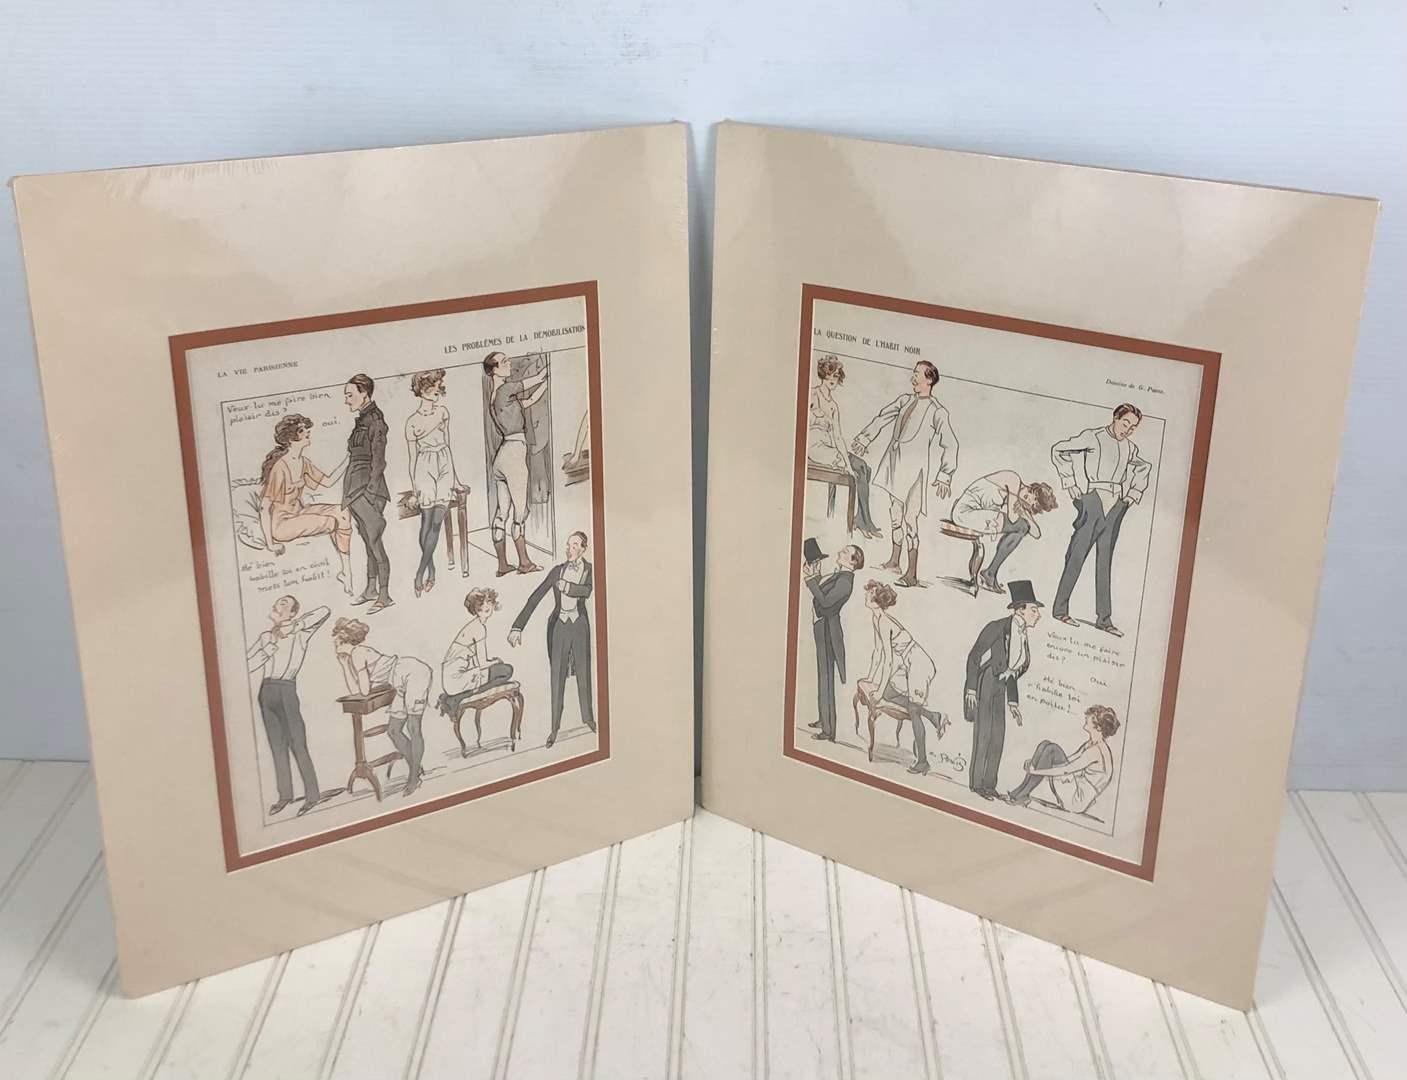 Lot # 236 Vintage George Pavis Art - 2 Matted Pages from La Vie Parisienne Magazine 1920s (main image)